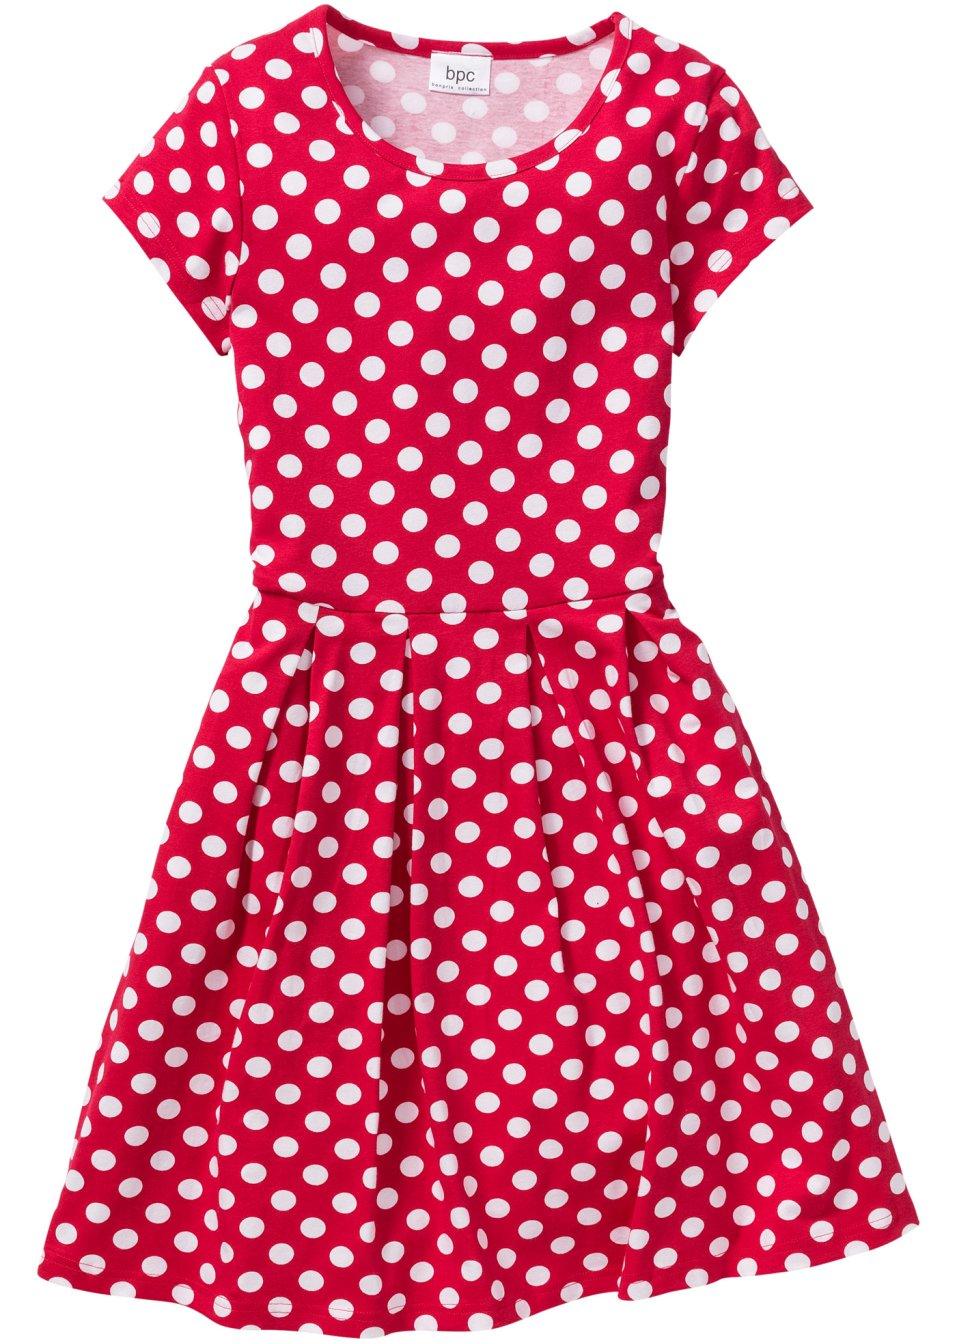 dbcc09a2f3d Okouzlující dívčí šaty najdete online u bonprix